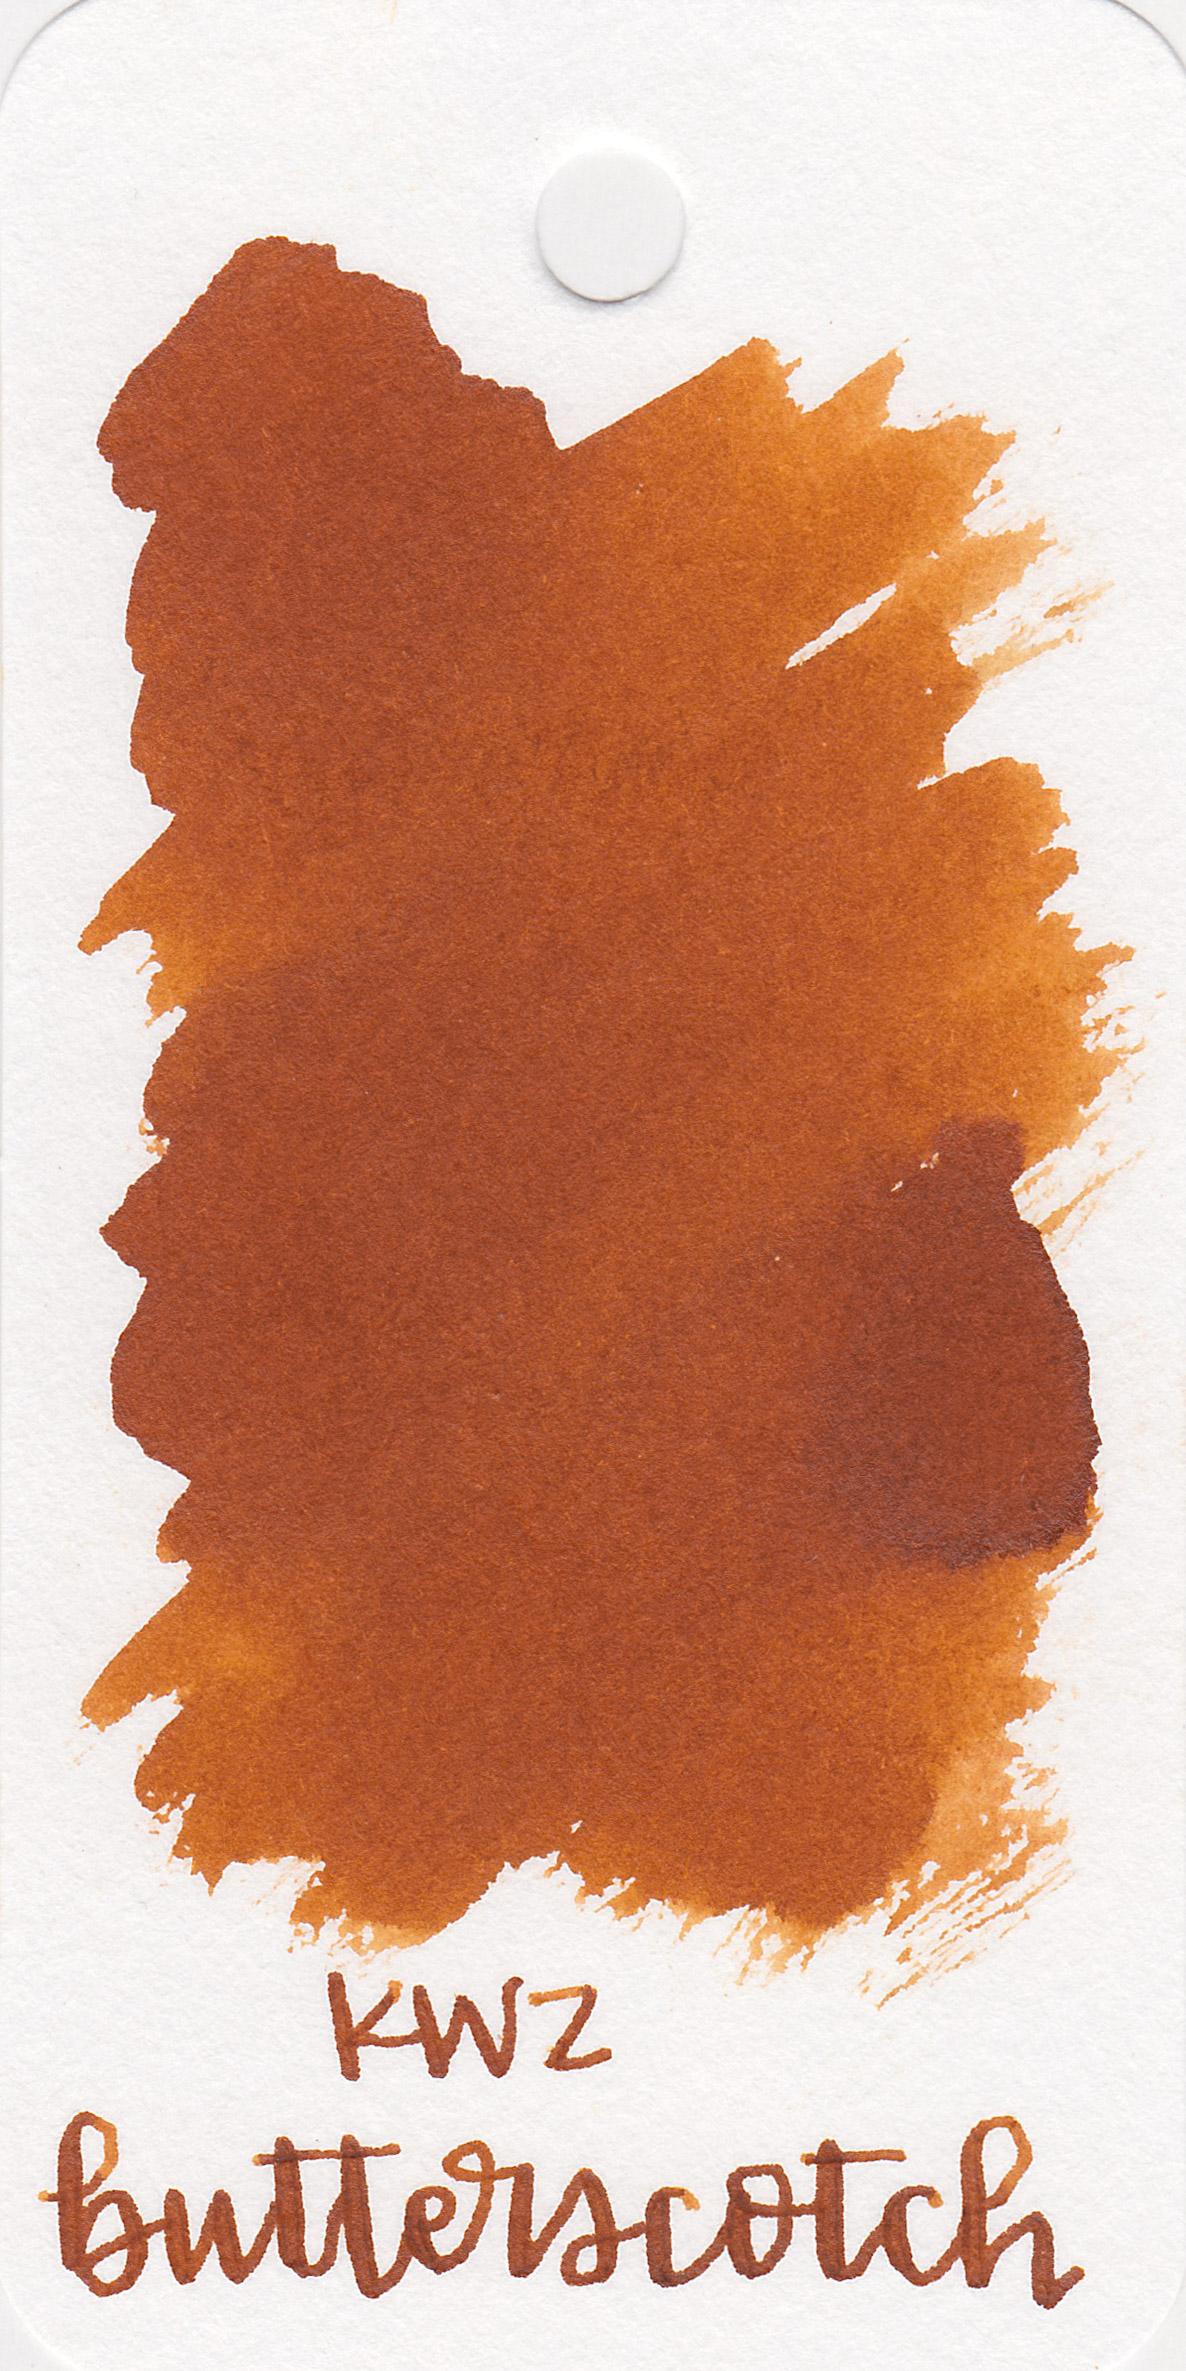 kwz-butterscotch-1.jpg